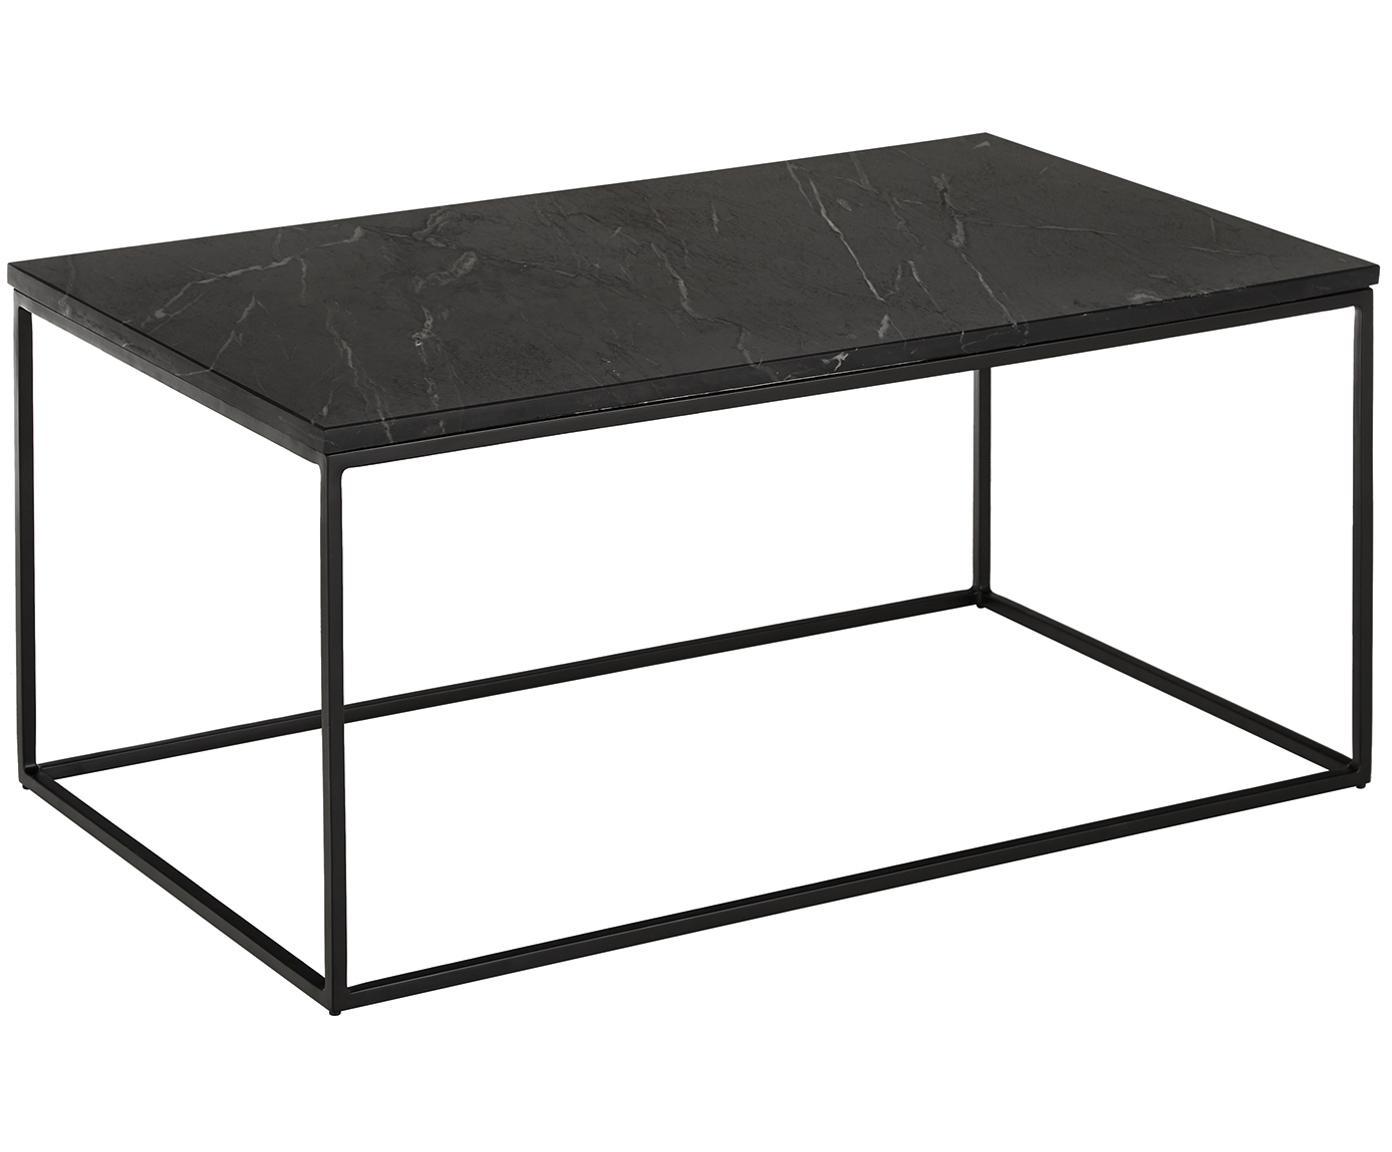 Mesa de centro de mármol Alys, Tablero: mármol natural, Estructura: metal con pintura en polv, Mármol negro, negro, An 80 x Al 45 cm